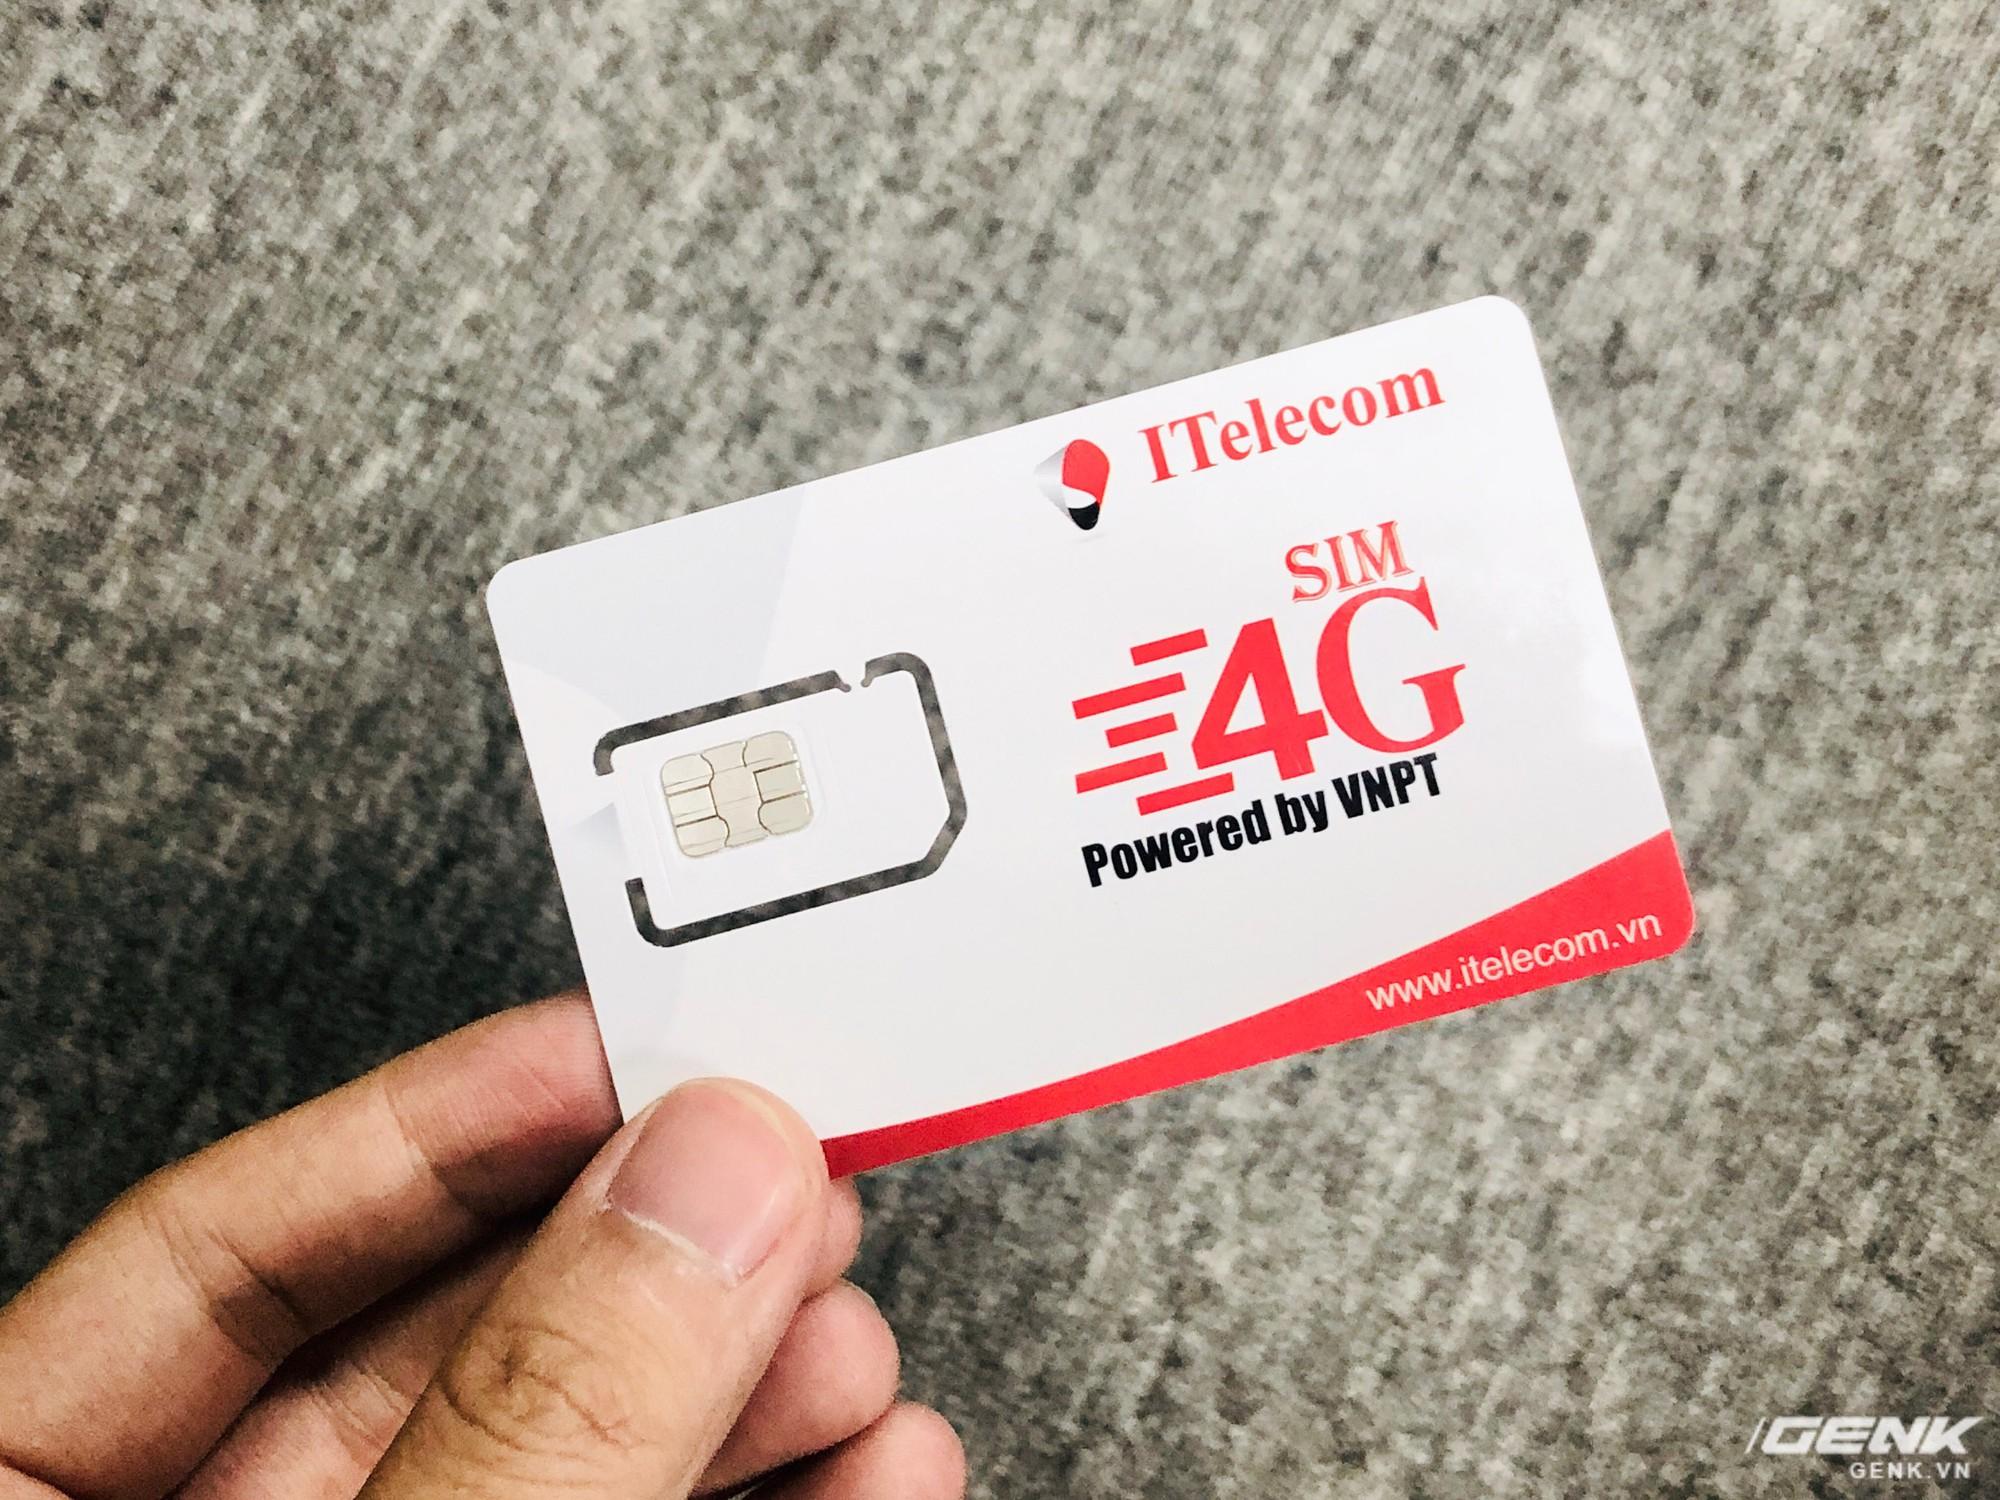 Có thể ứng tiền mạng Itelecom không? Điều bạn cần biết